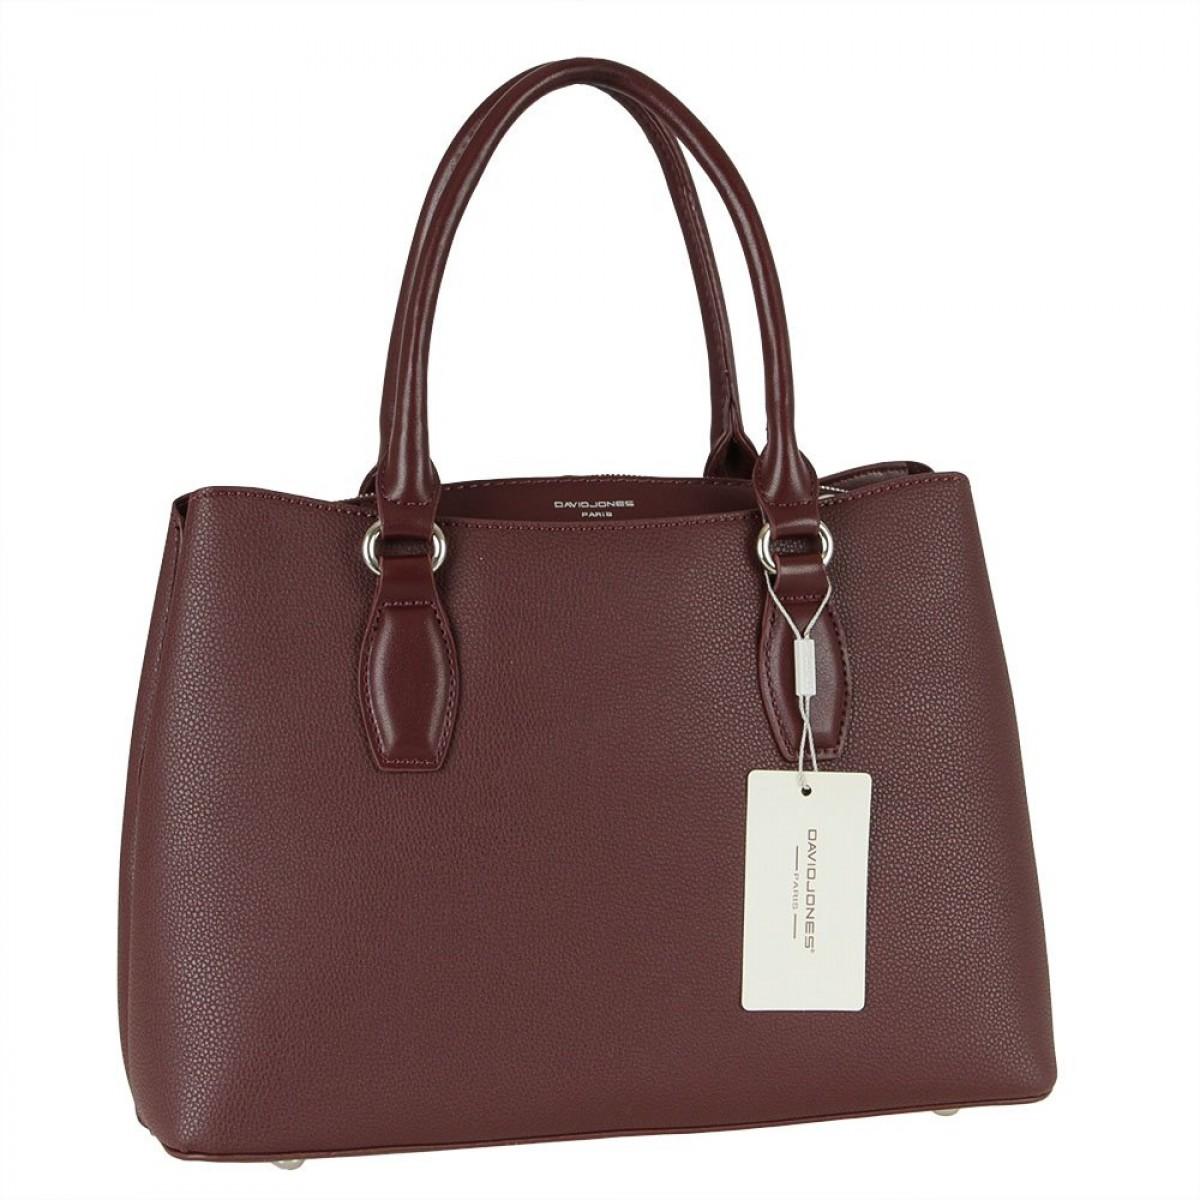 Жіноча сумка David Jones CM5836 DARK BORDEAUX